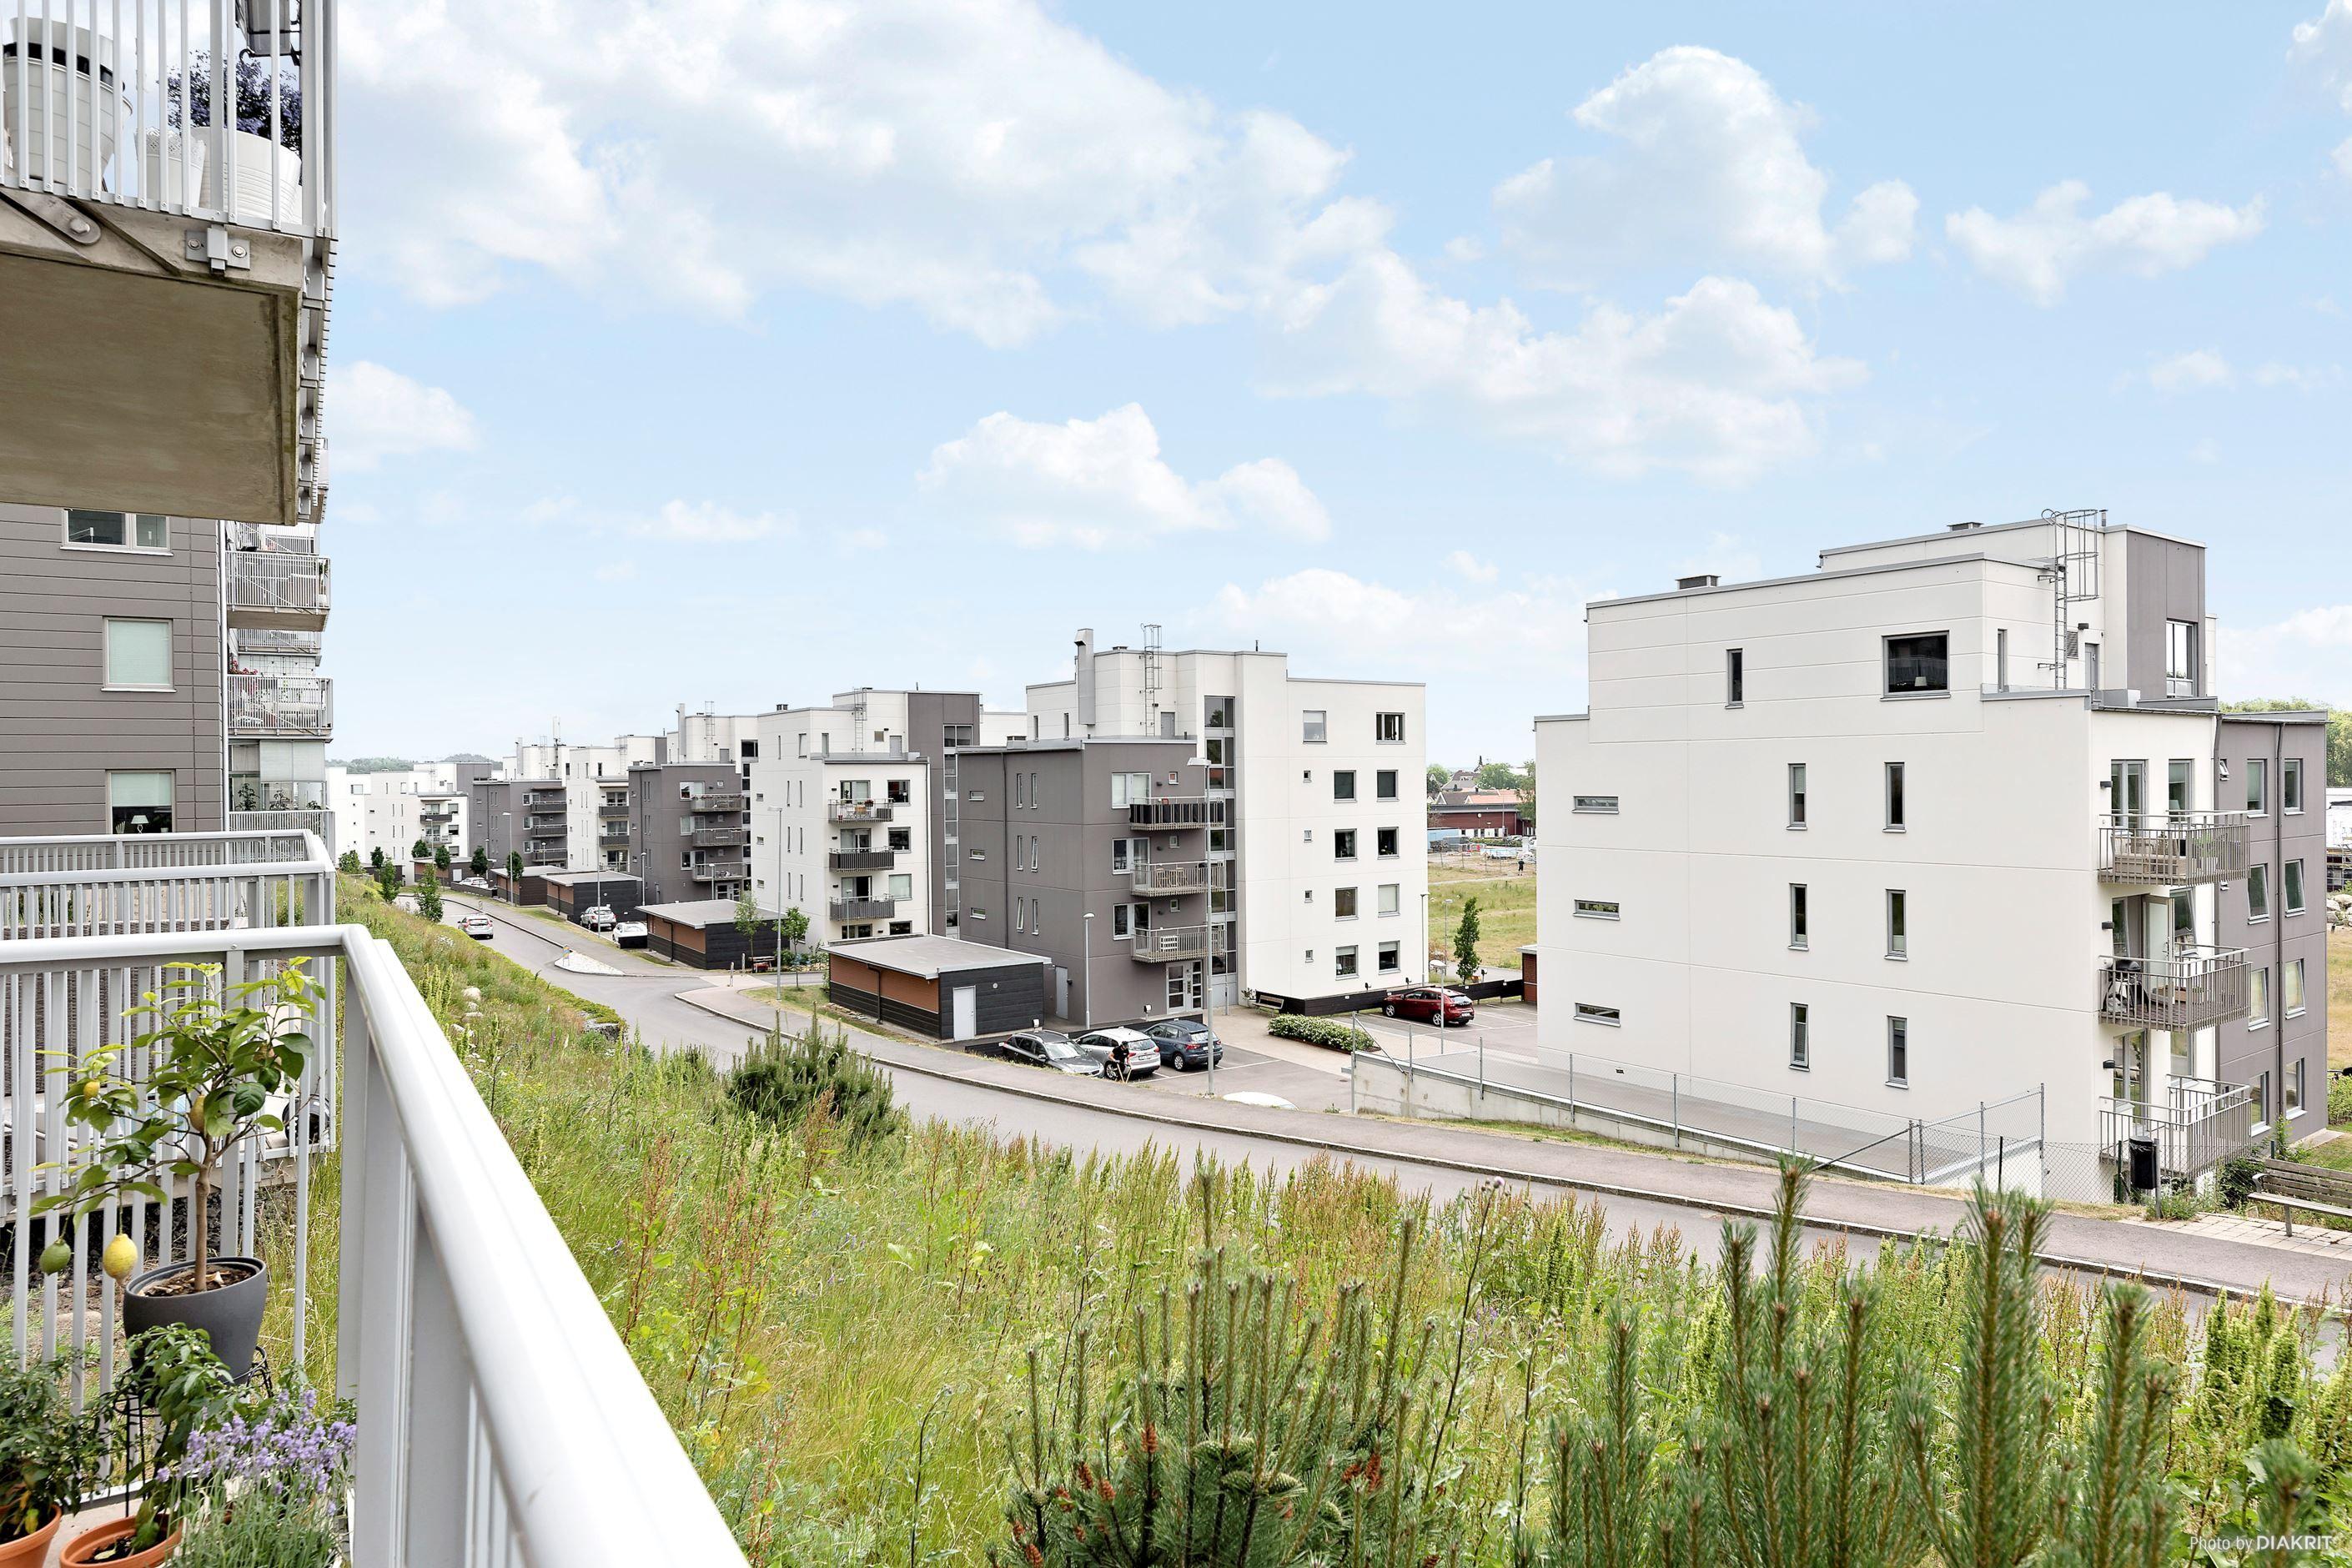 Nyinflyttade p Skrvvgen 6, Stensjn | satisfaction-survey.net